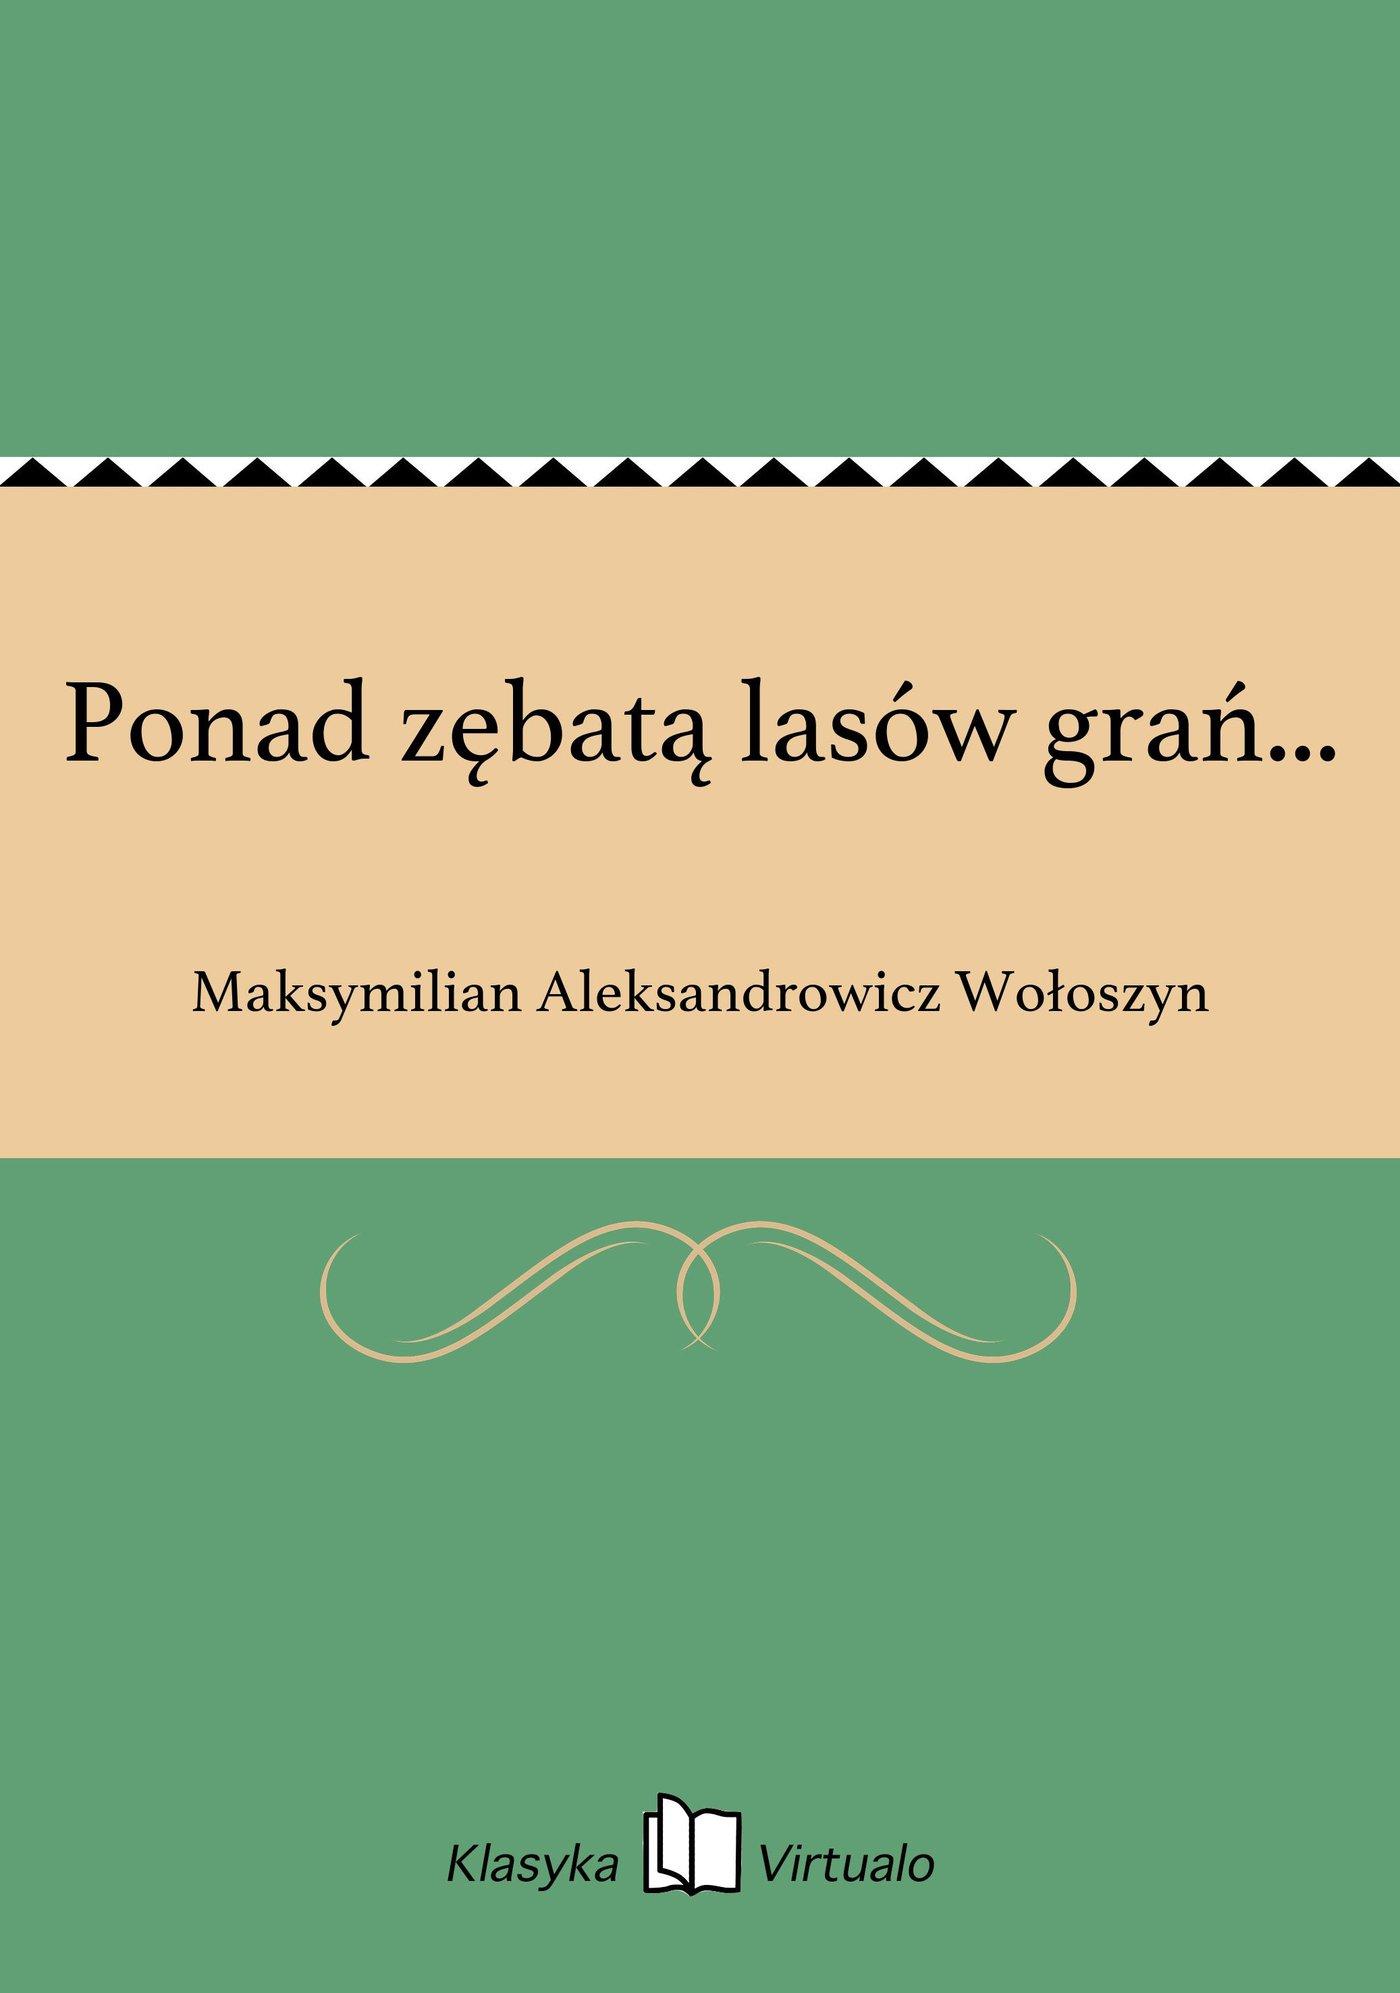 Ponad zębatą lasów grań... - Ebook (Książka EPUB) do pobrania w formacie EPUB